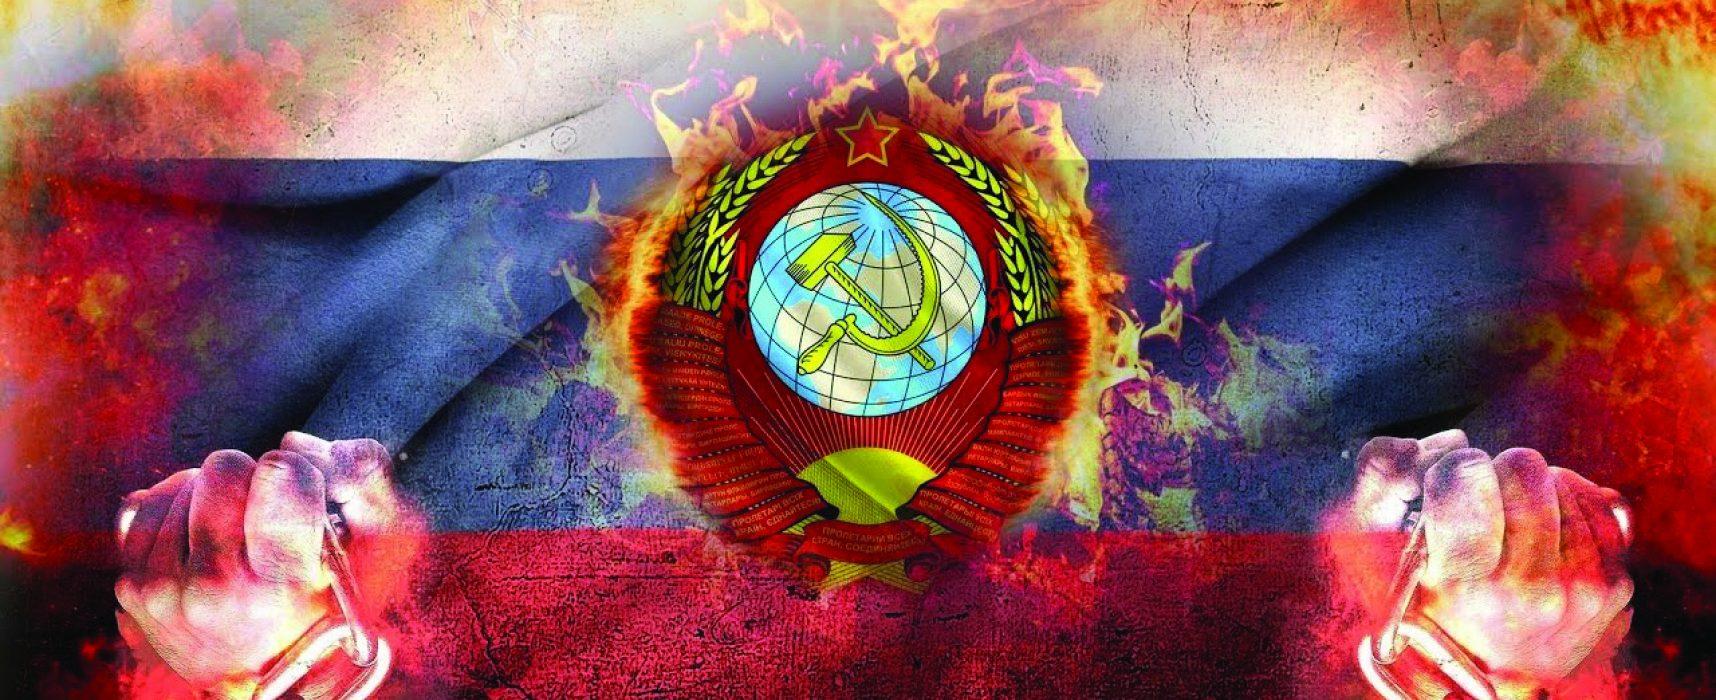 Игорь Яковенко: Россия в капсуле мифов